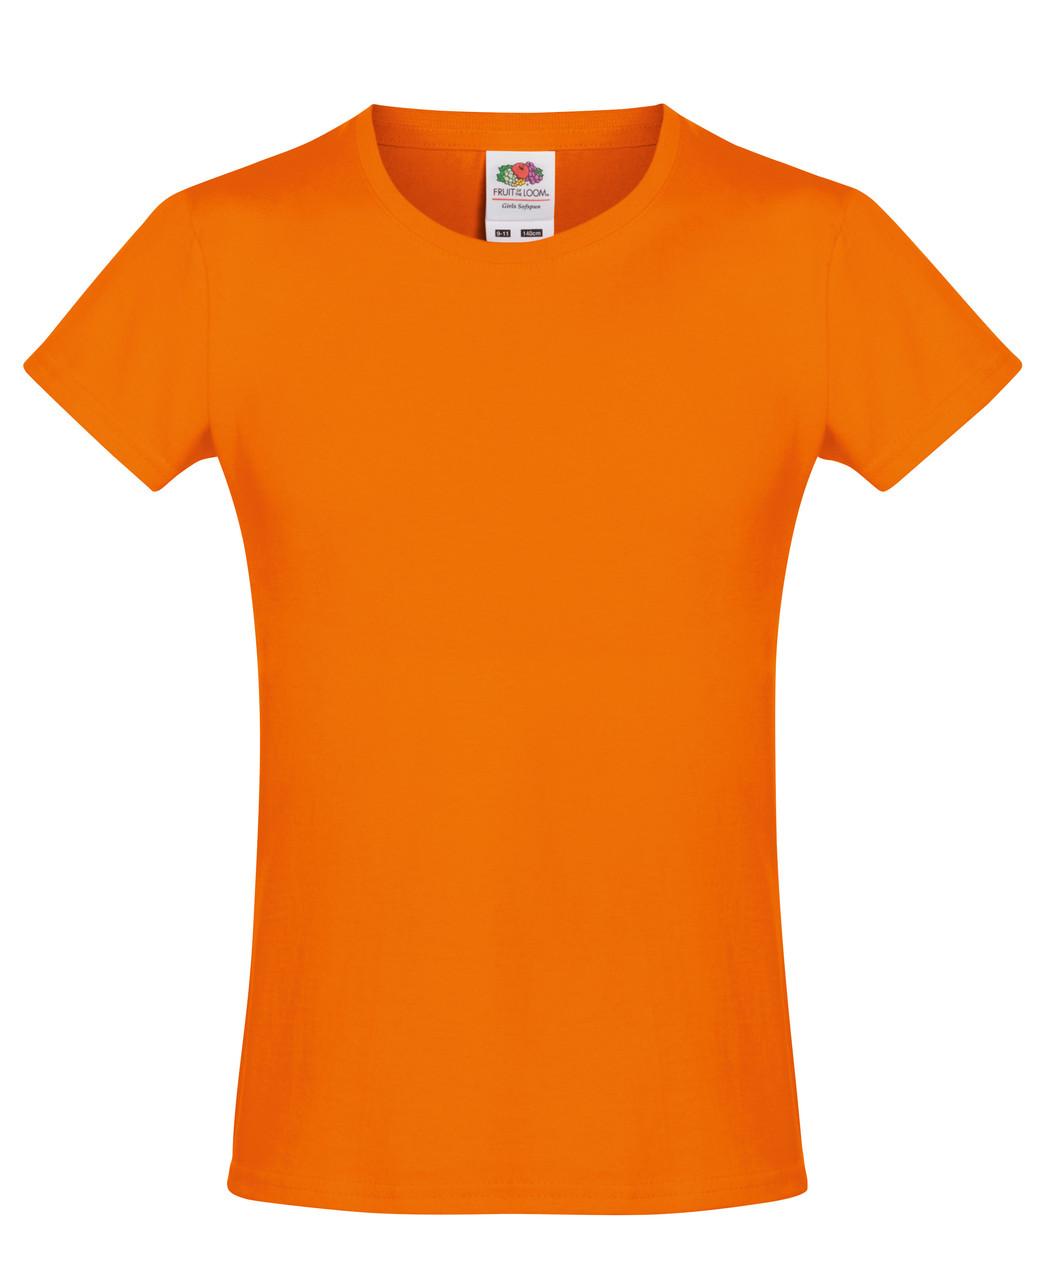 Детская футболка Мягкая для Девочек Оранжевая Fruit of the loom 61-017-44 9-11